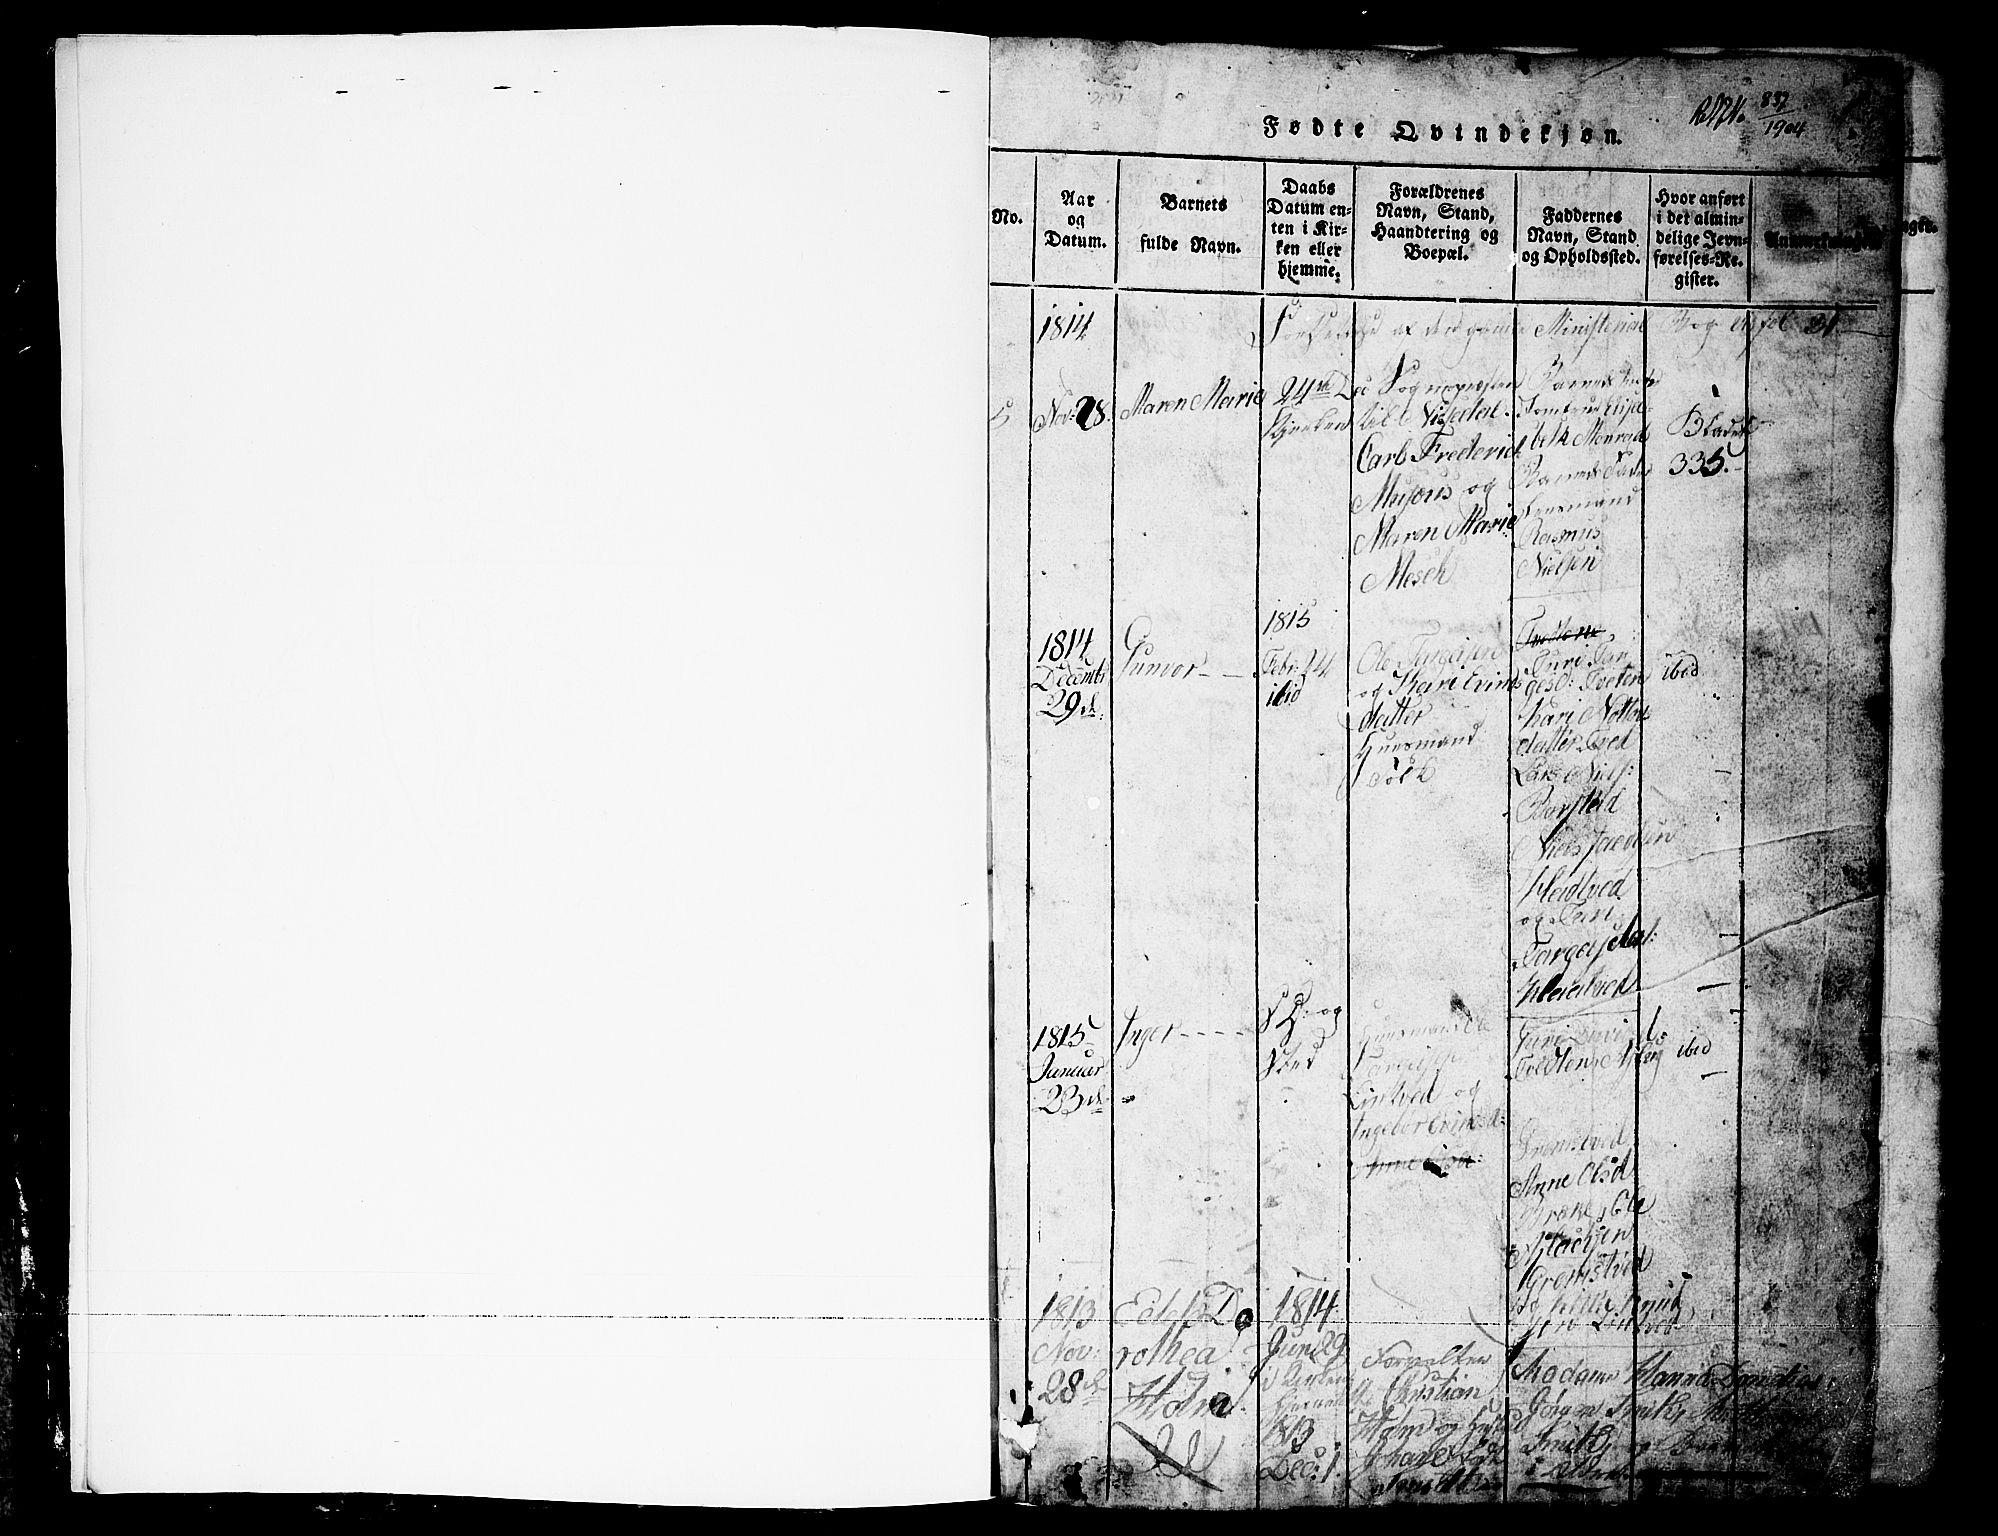 SAKO, Nissedal kirkebøker, G/Ga/L0001: Klokkerbok nr. I 1, 1814-1860, s. 1